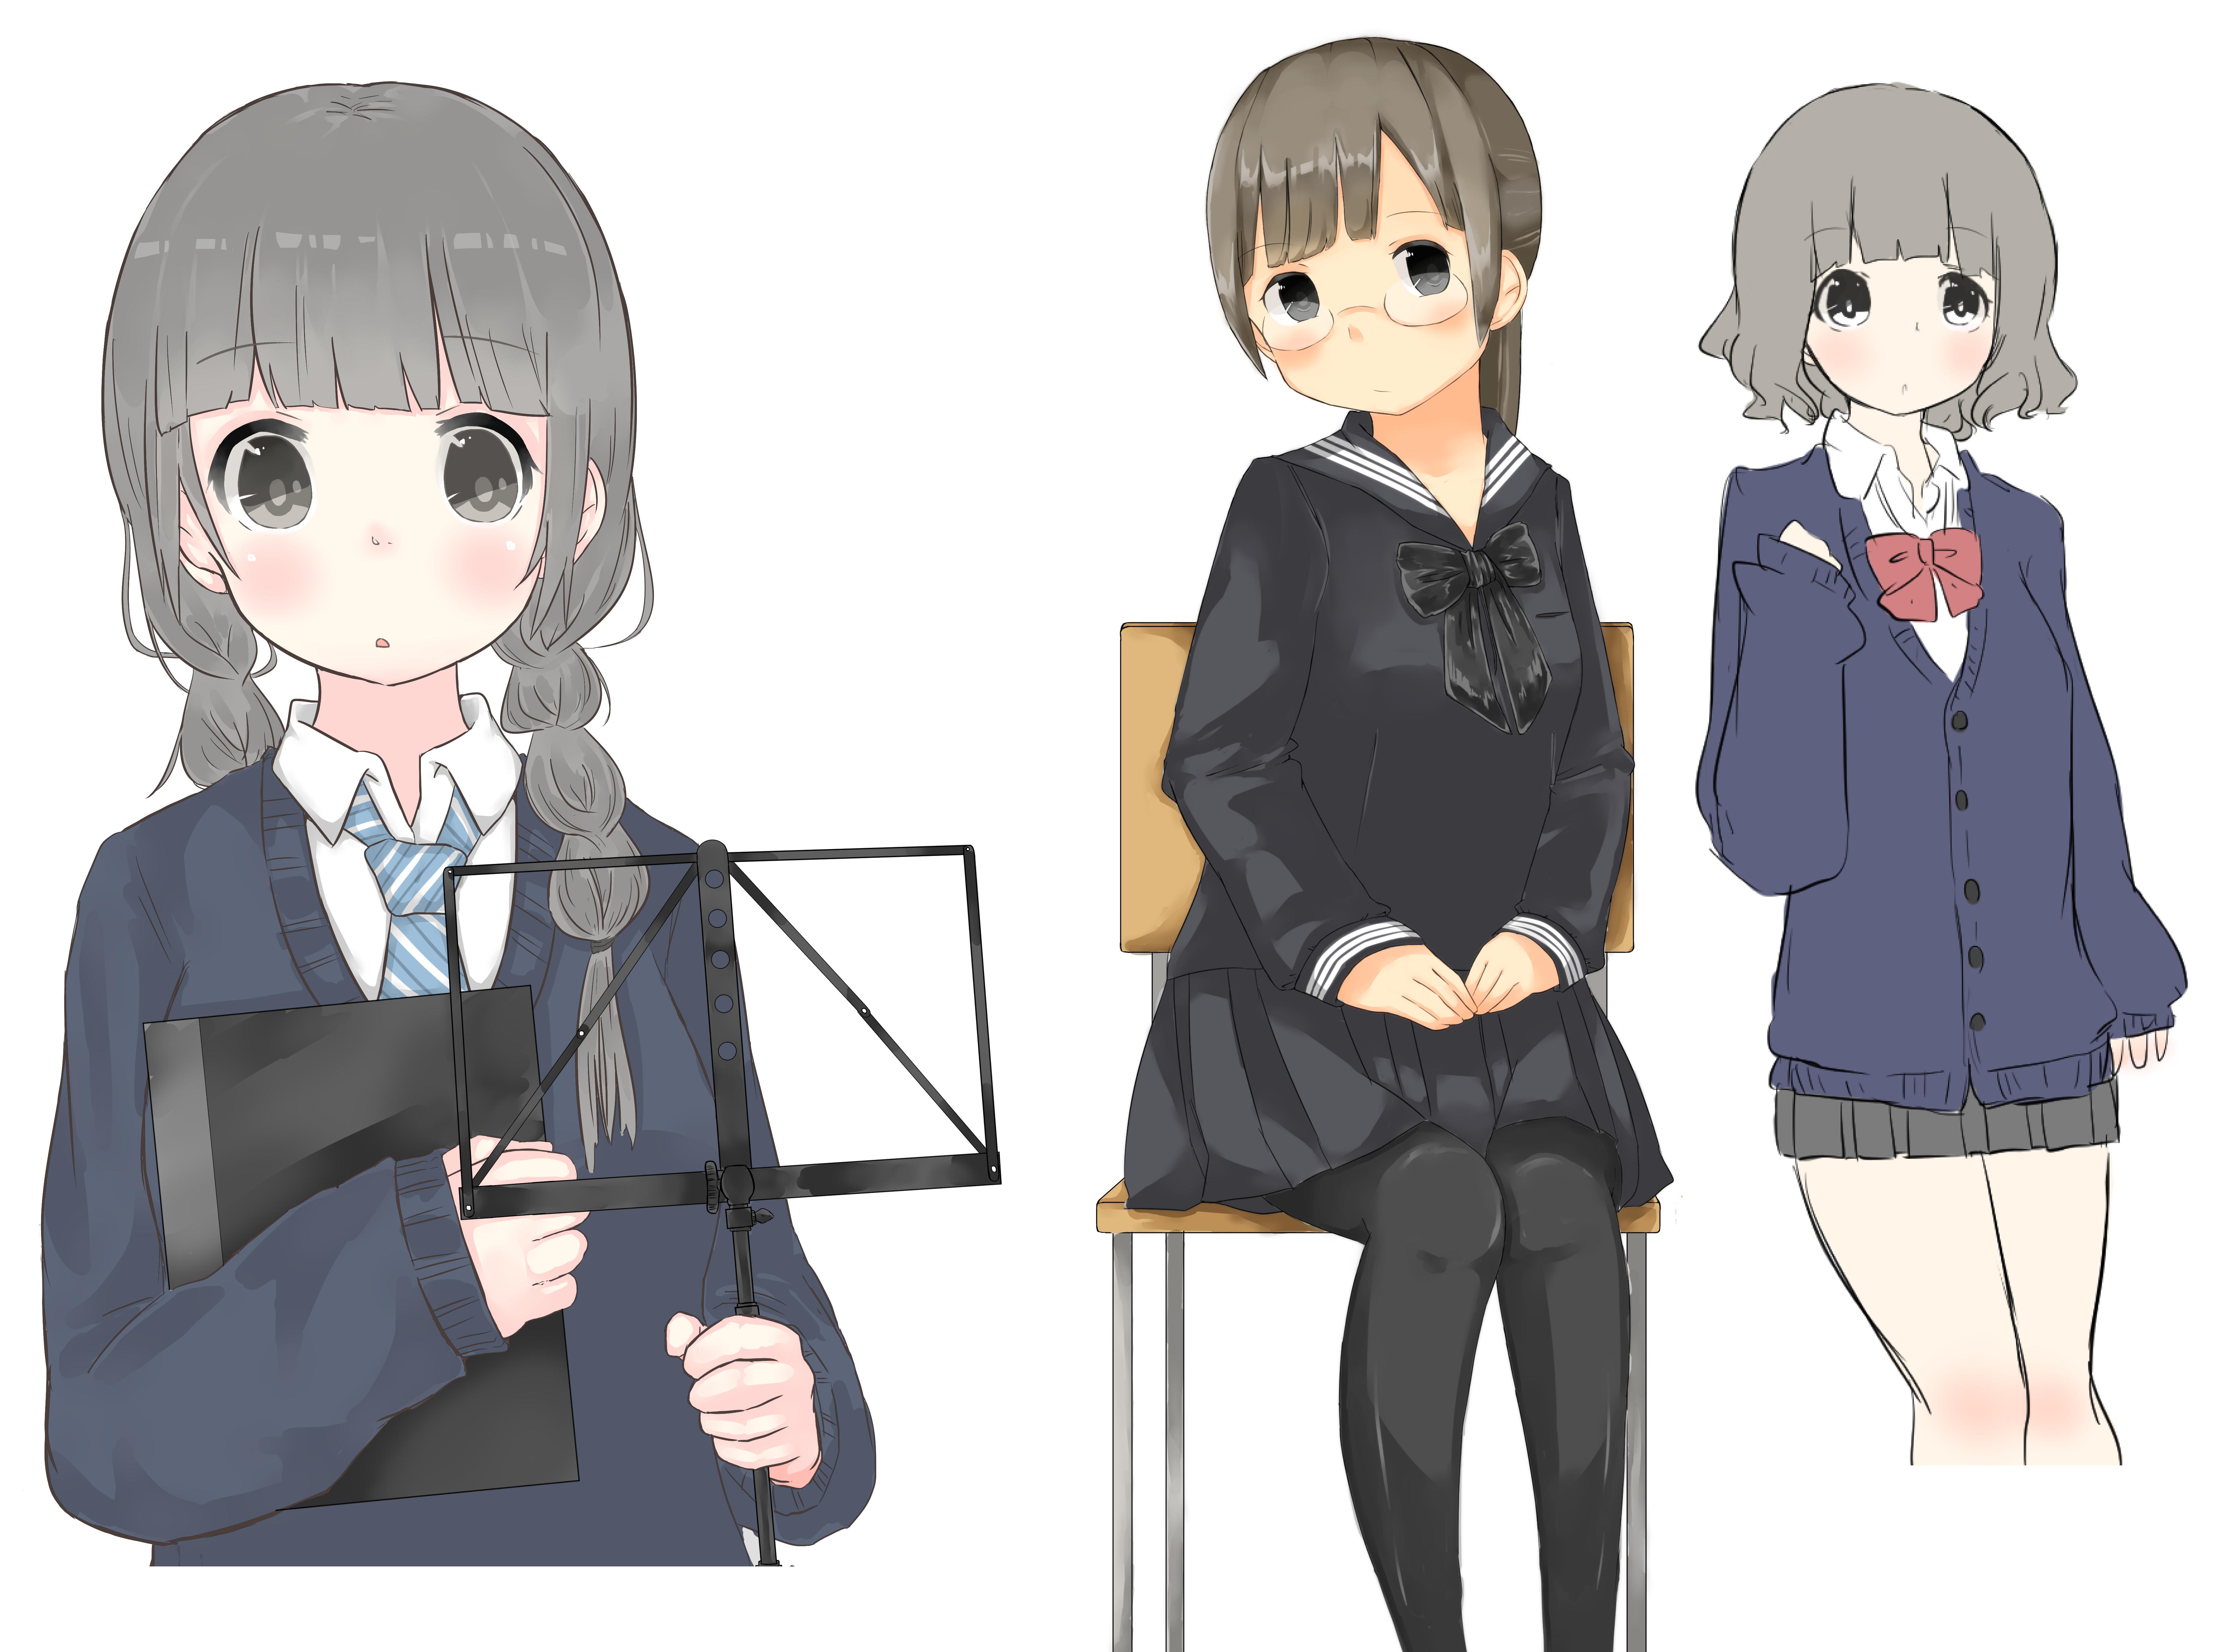 女子高生イラスト描きます!|イラスト作成 | ココナラ